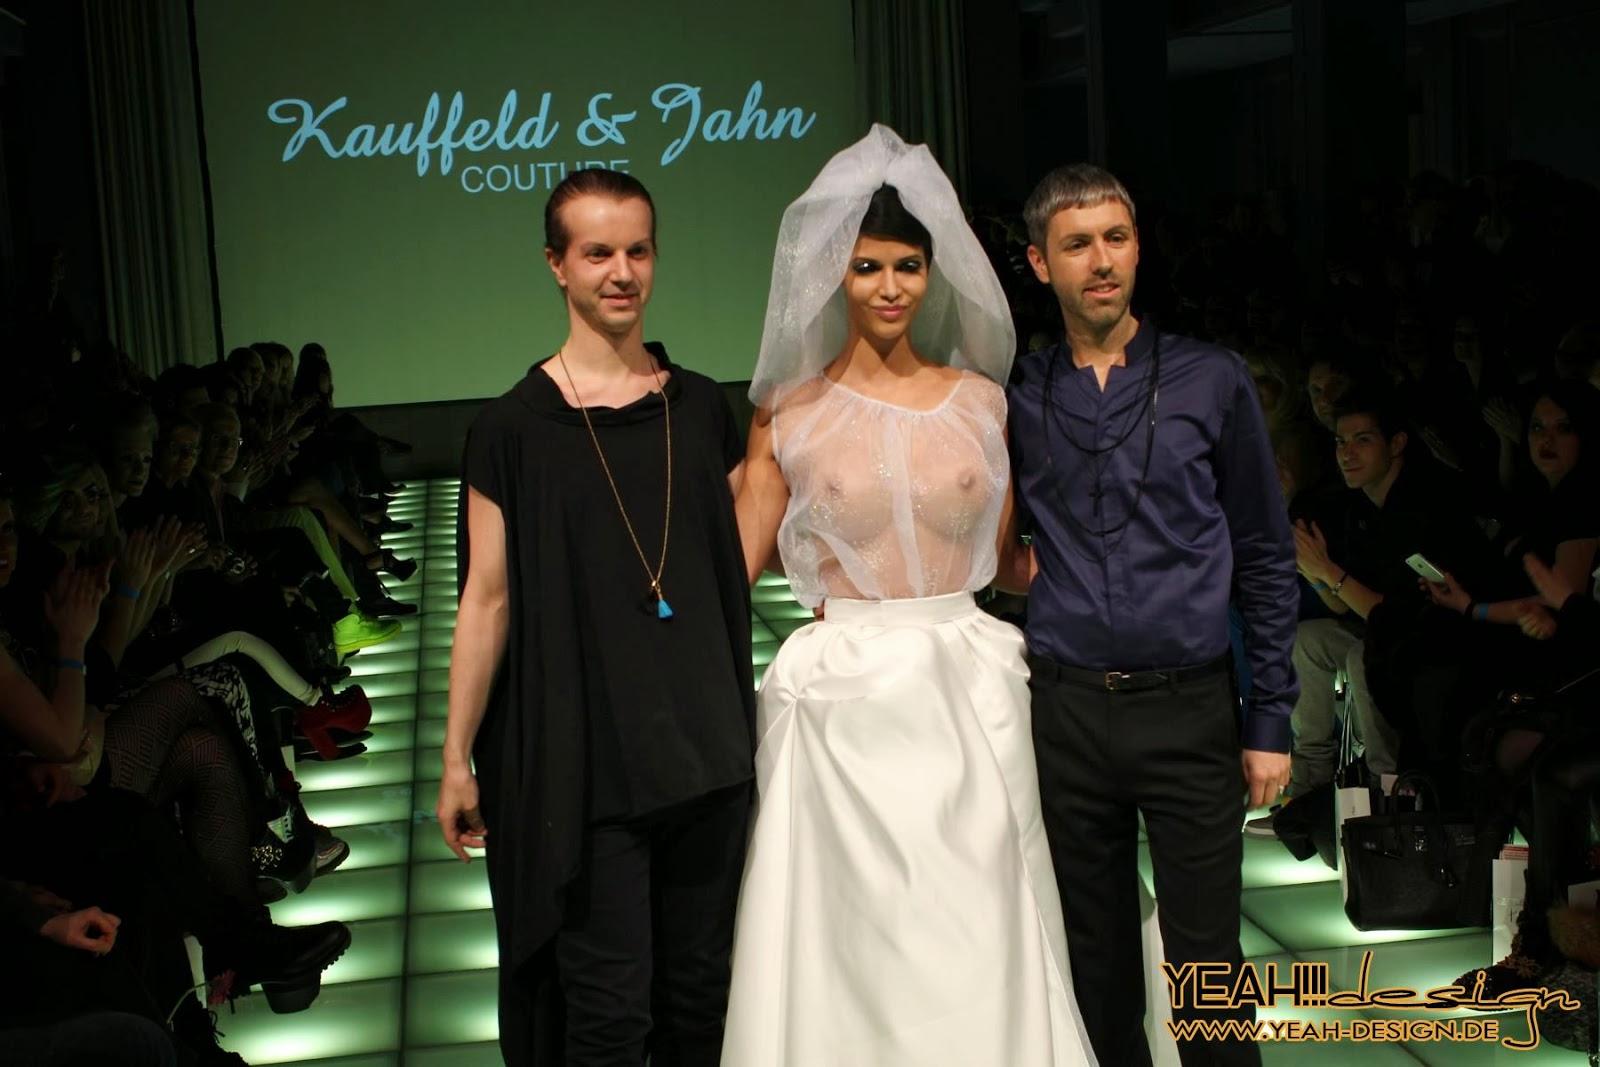 Kauffeld und Jahn Micalea Schäfer